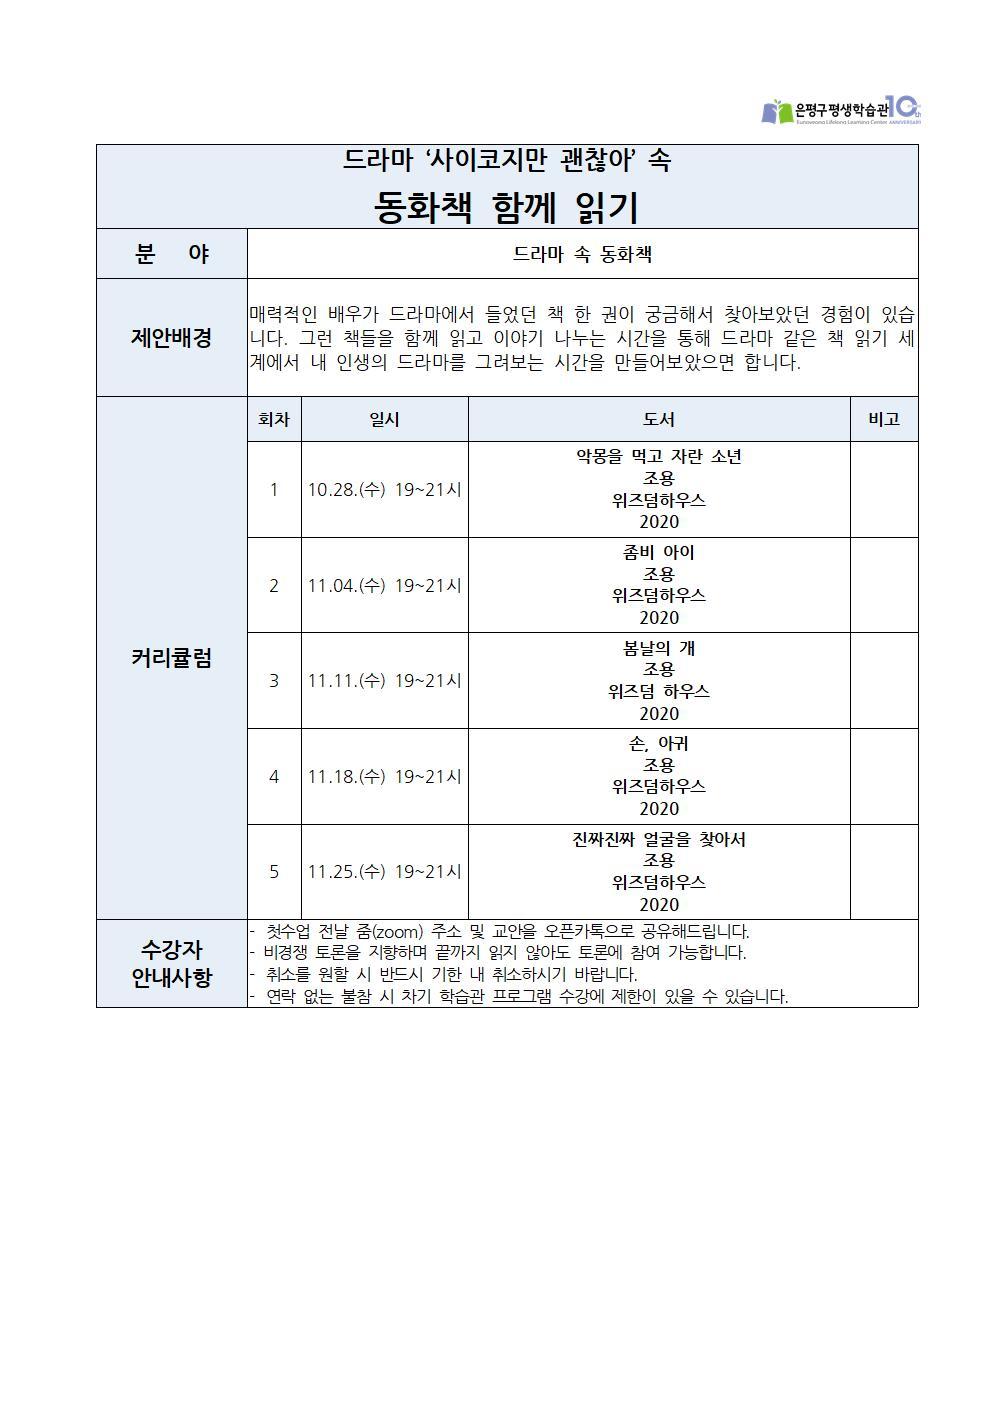 2. 은평북살롱 기획단 책모임 기획안_김현정_최종(8001.jpg